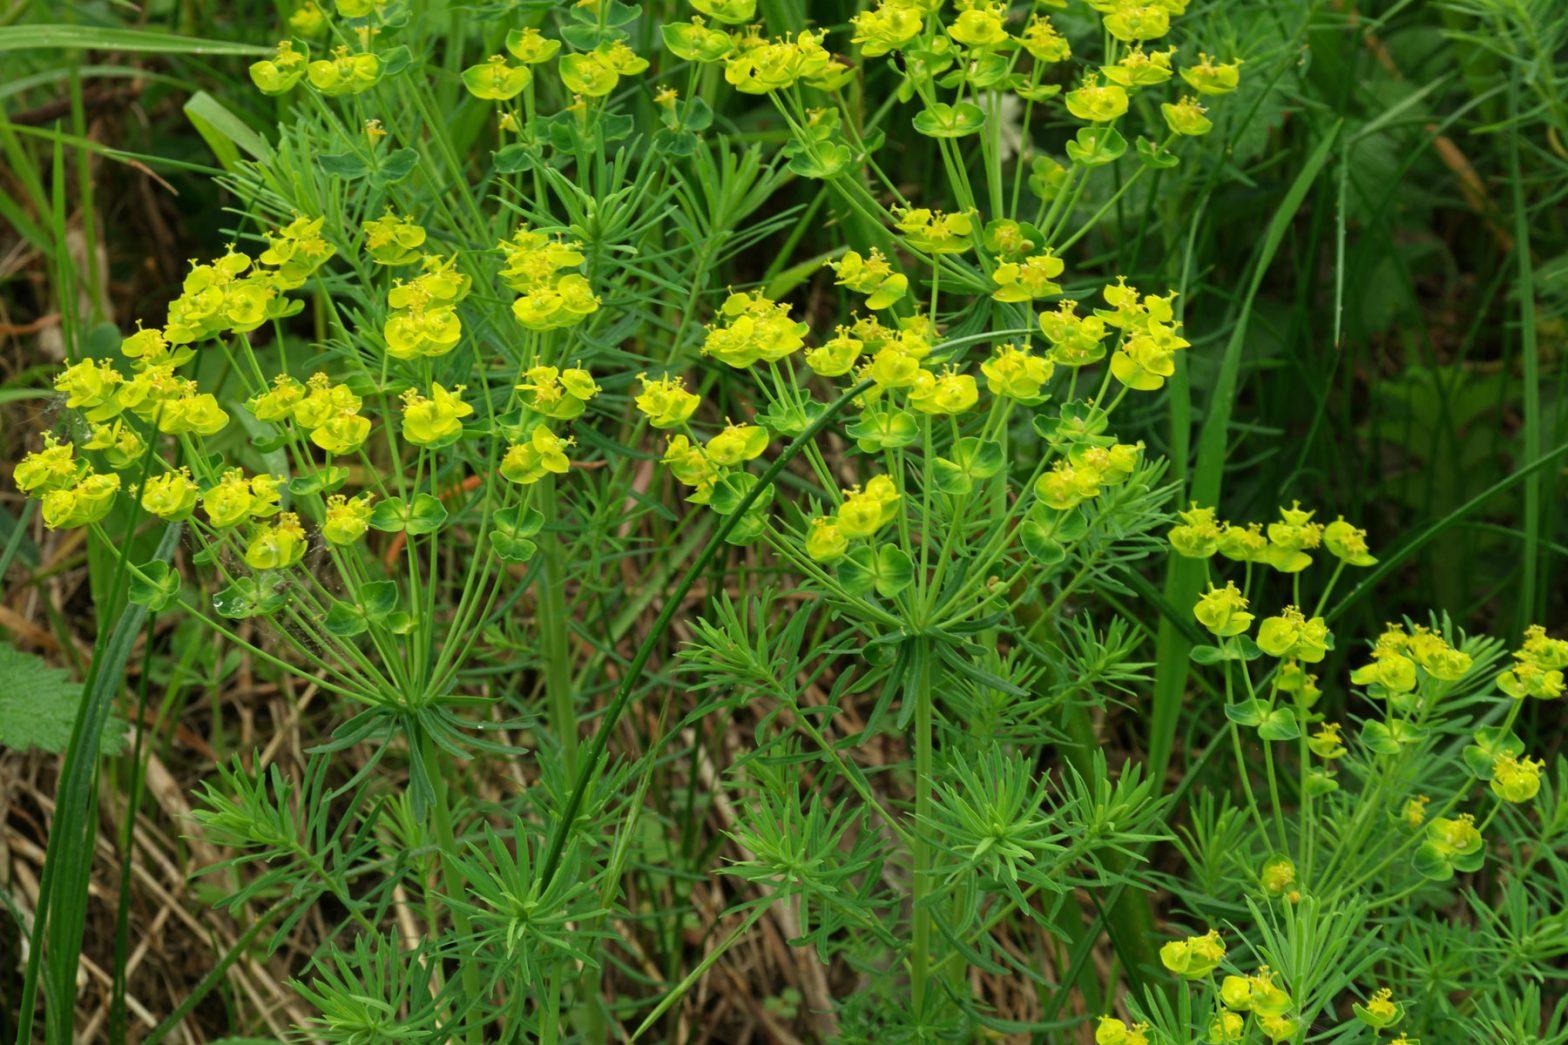 Euphorbia cyparissias Zypressen Wolfsmilch